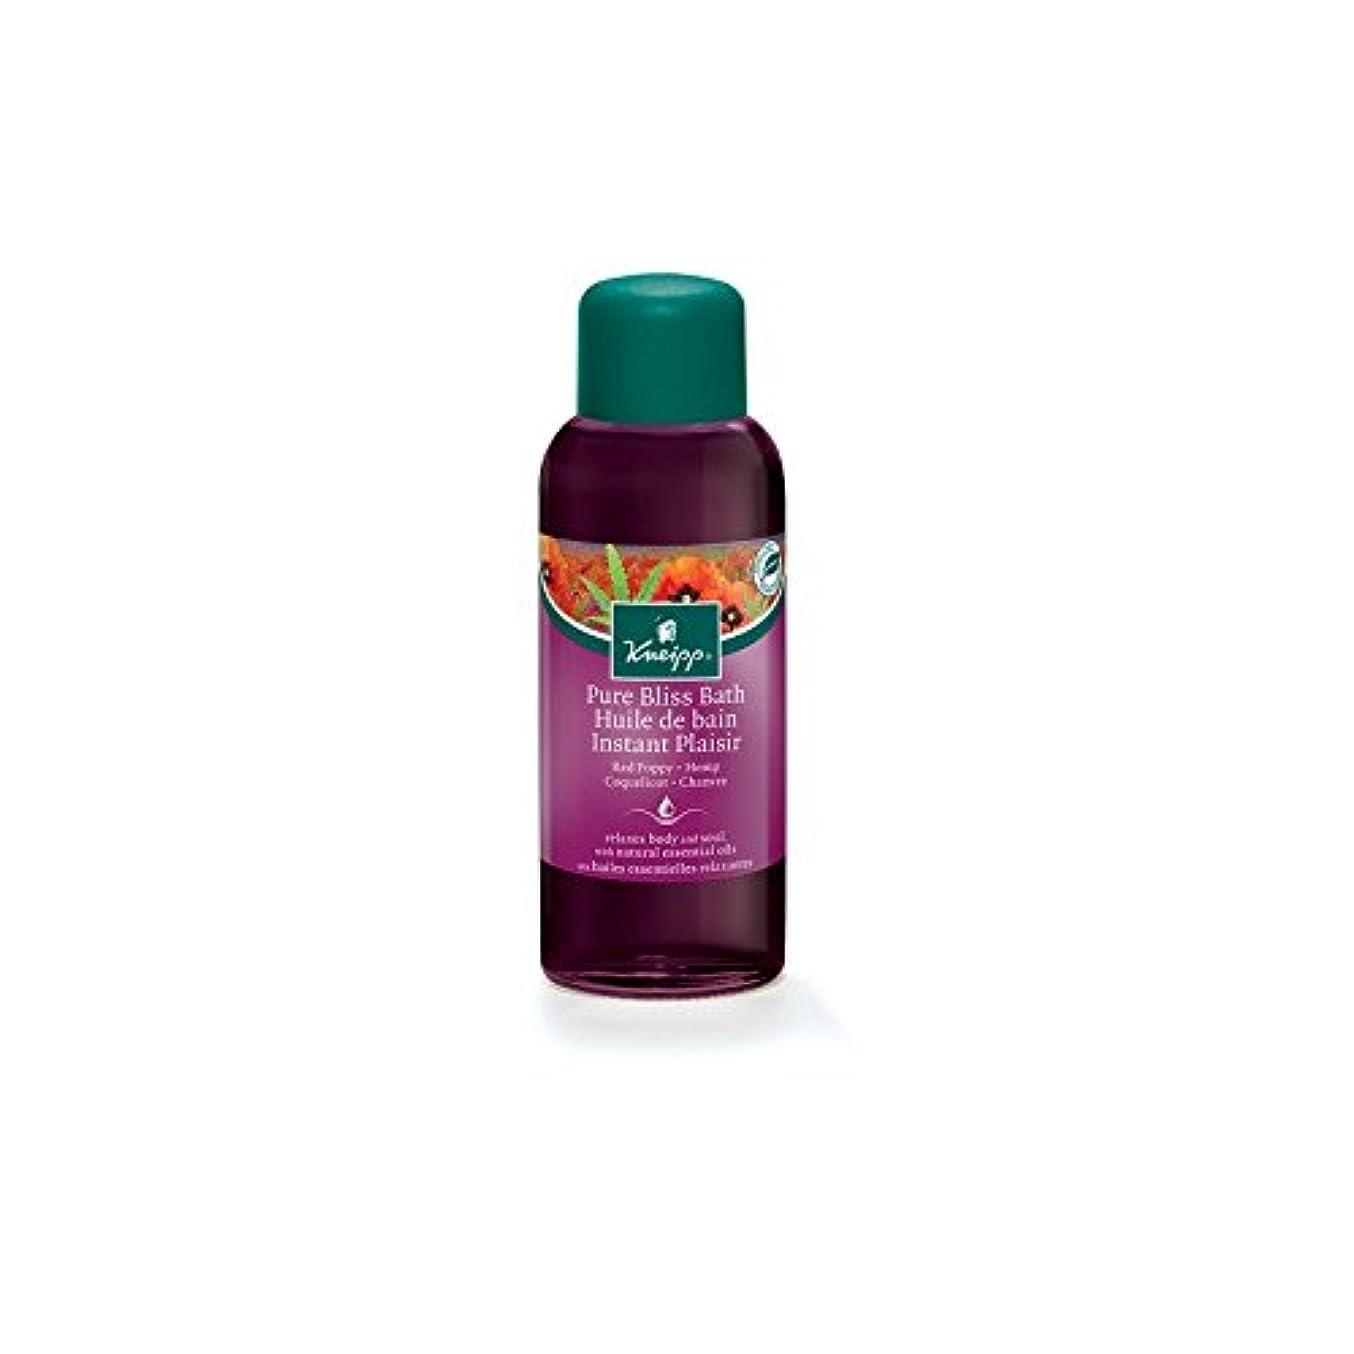 衣類特異性書くクナイプ純粋な至福ハーブの赤いケシと麻バスオイル(100ミリリットル) x2 - Kneipp Pure Bliss Herbal Red Poppy and Hemp Bath Oil (100ml) (Pack of 2) [並行輸入品]